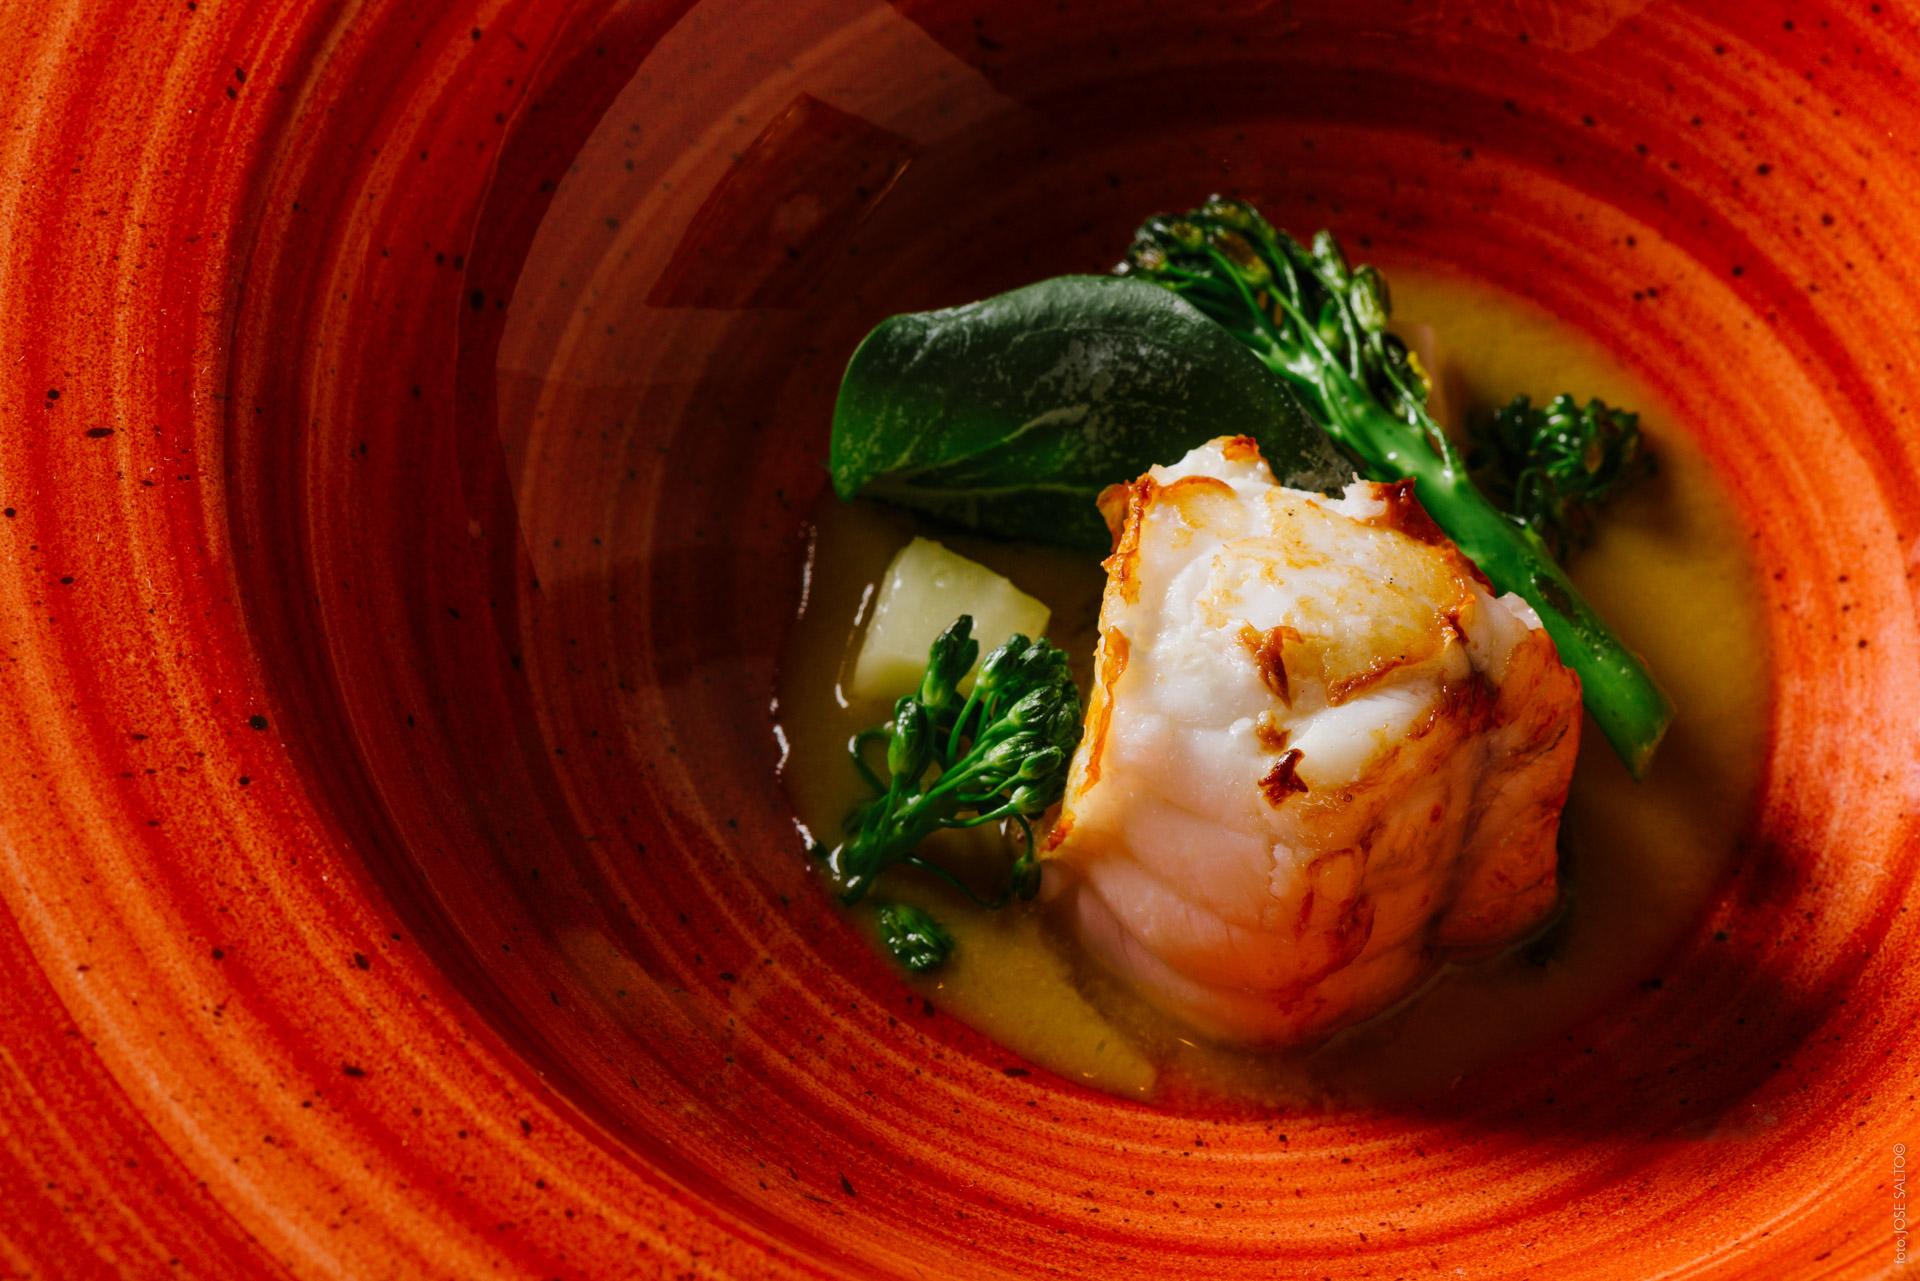 fotografía gastronómica en Madrid, fotógrafo de alimentos, fotógrafo profesional de gastronomía